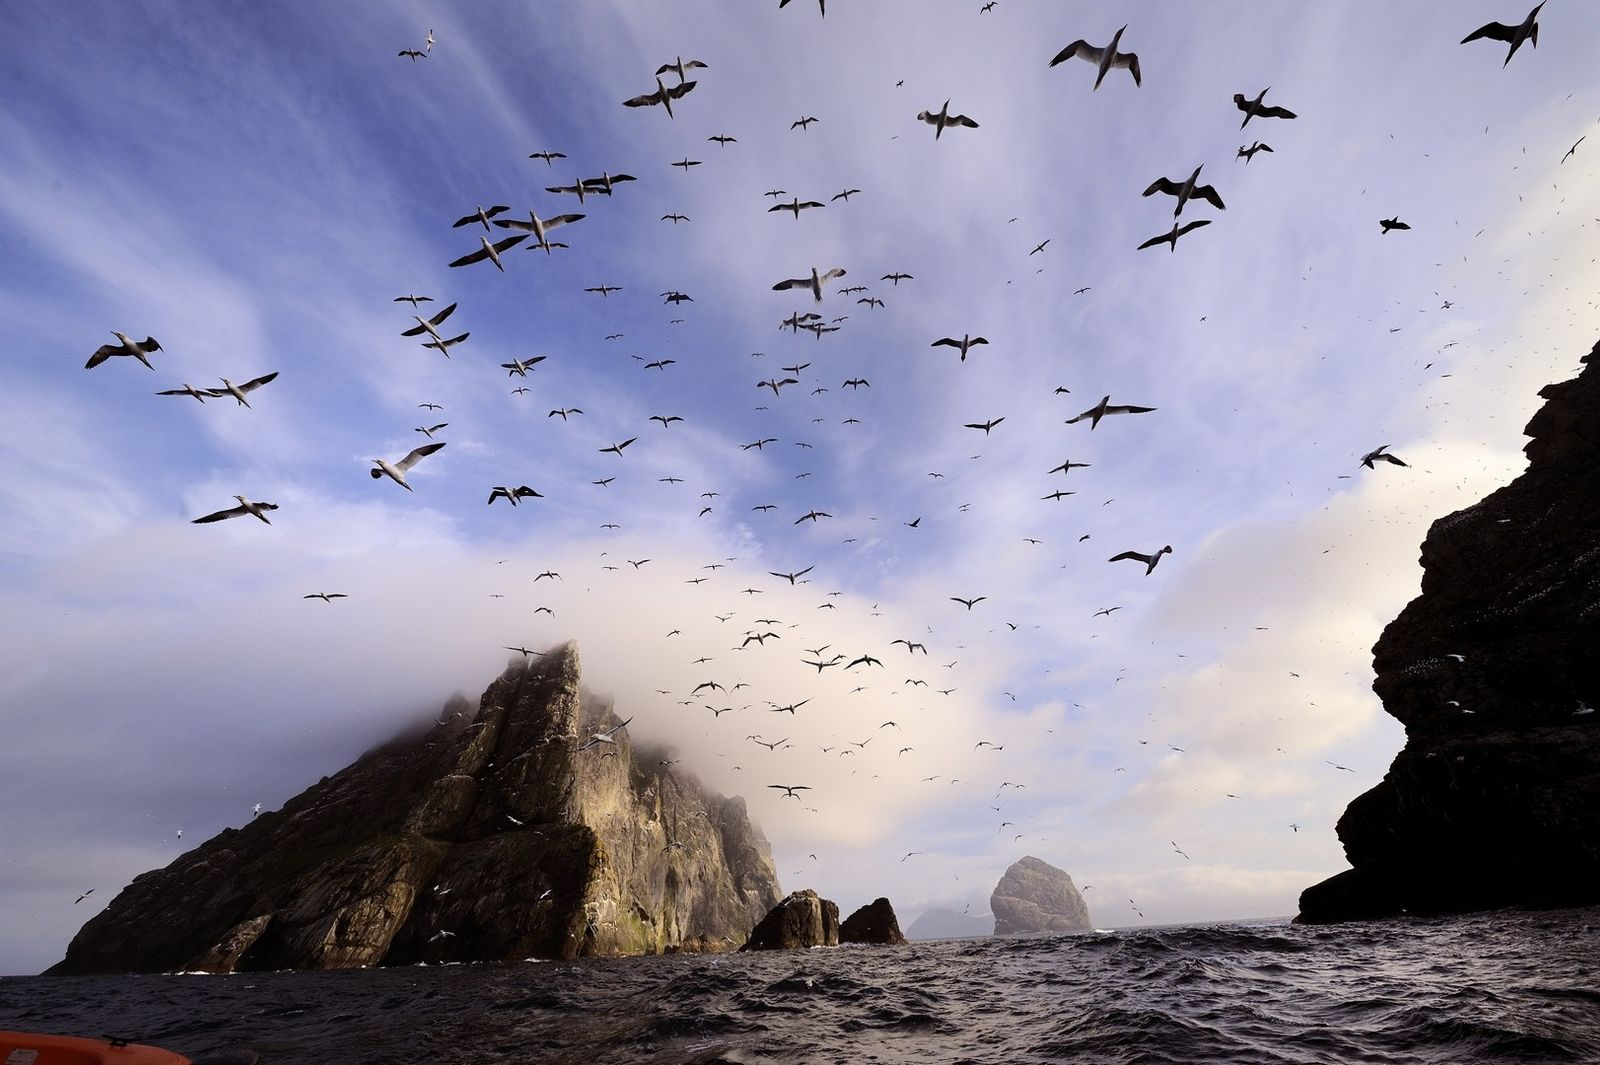 Sur l'île de Boreray, des fous de Bassan prennent leur envol au cours d'une brève éclaircie. ...